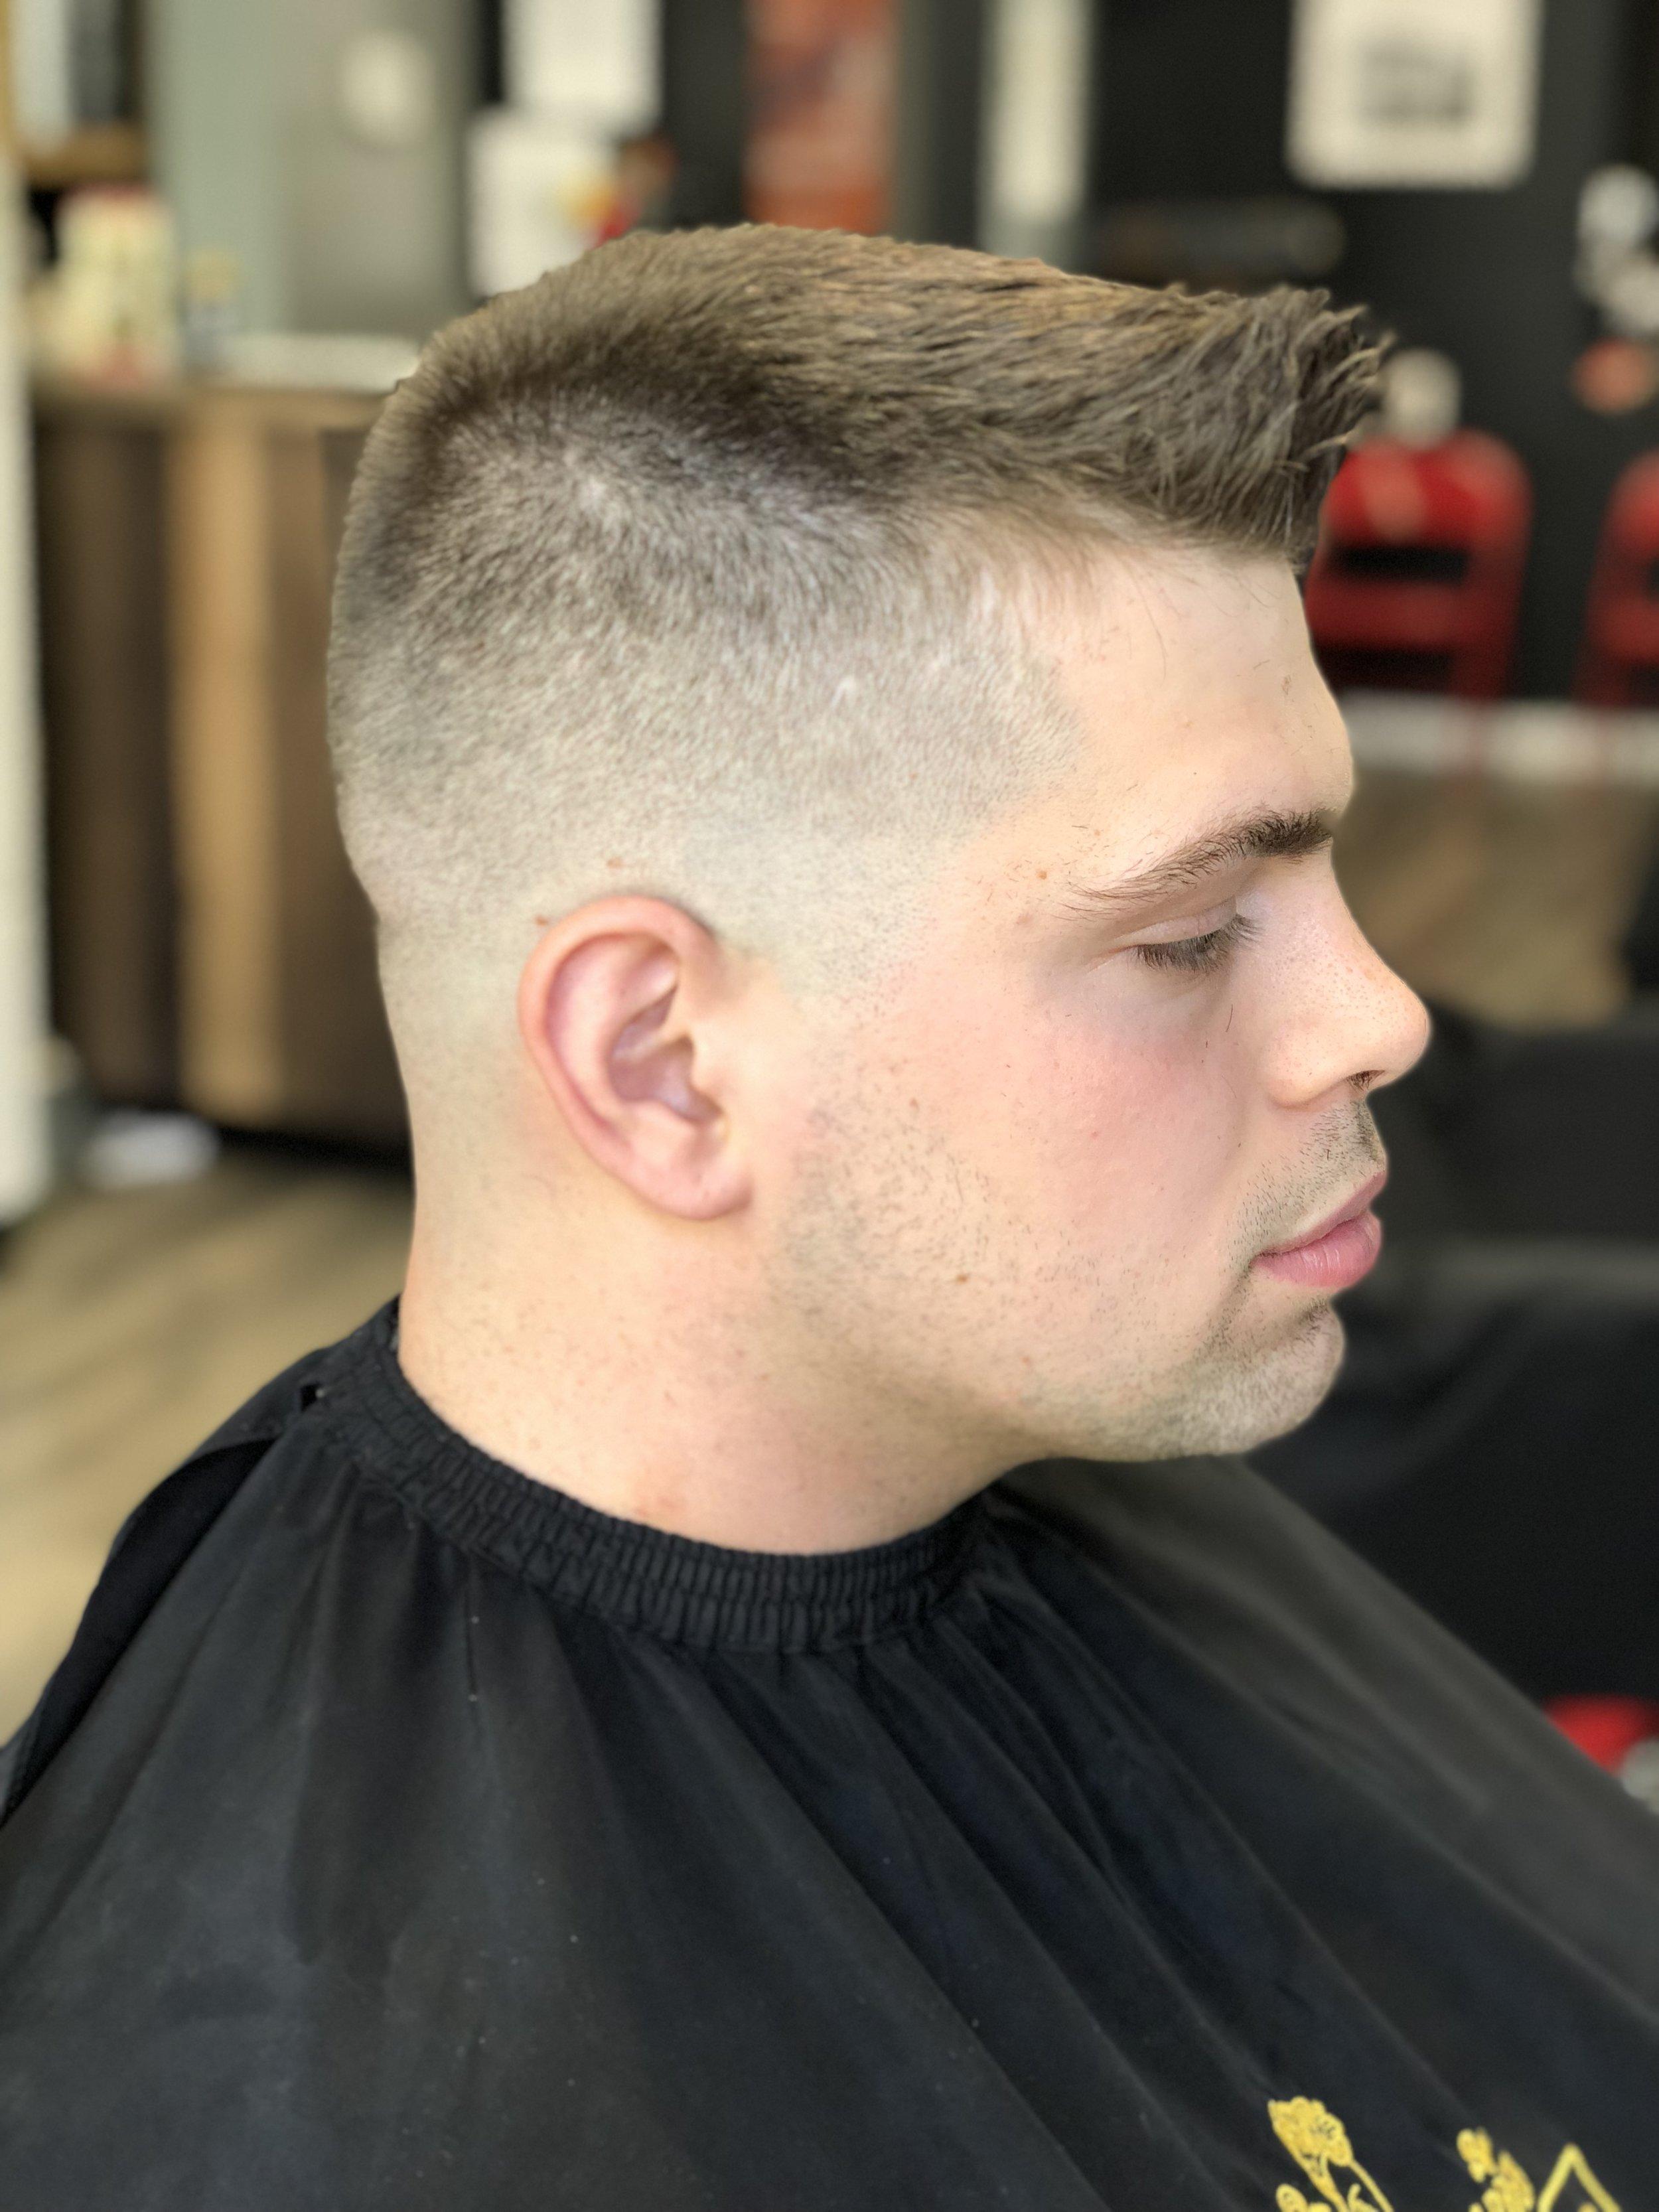 LCS Hair